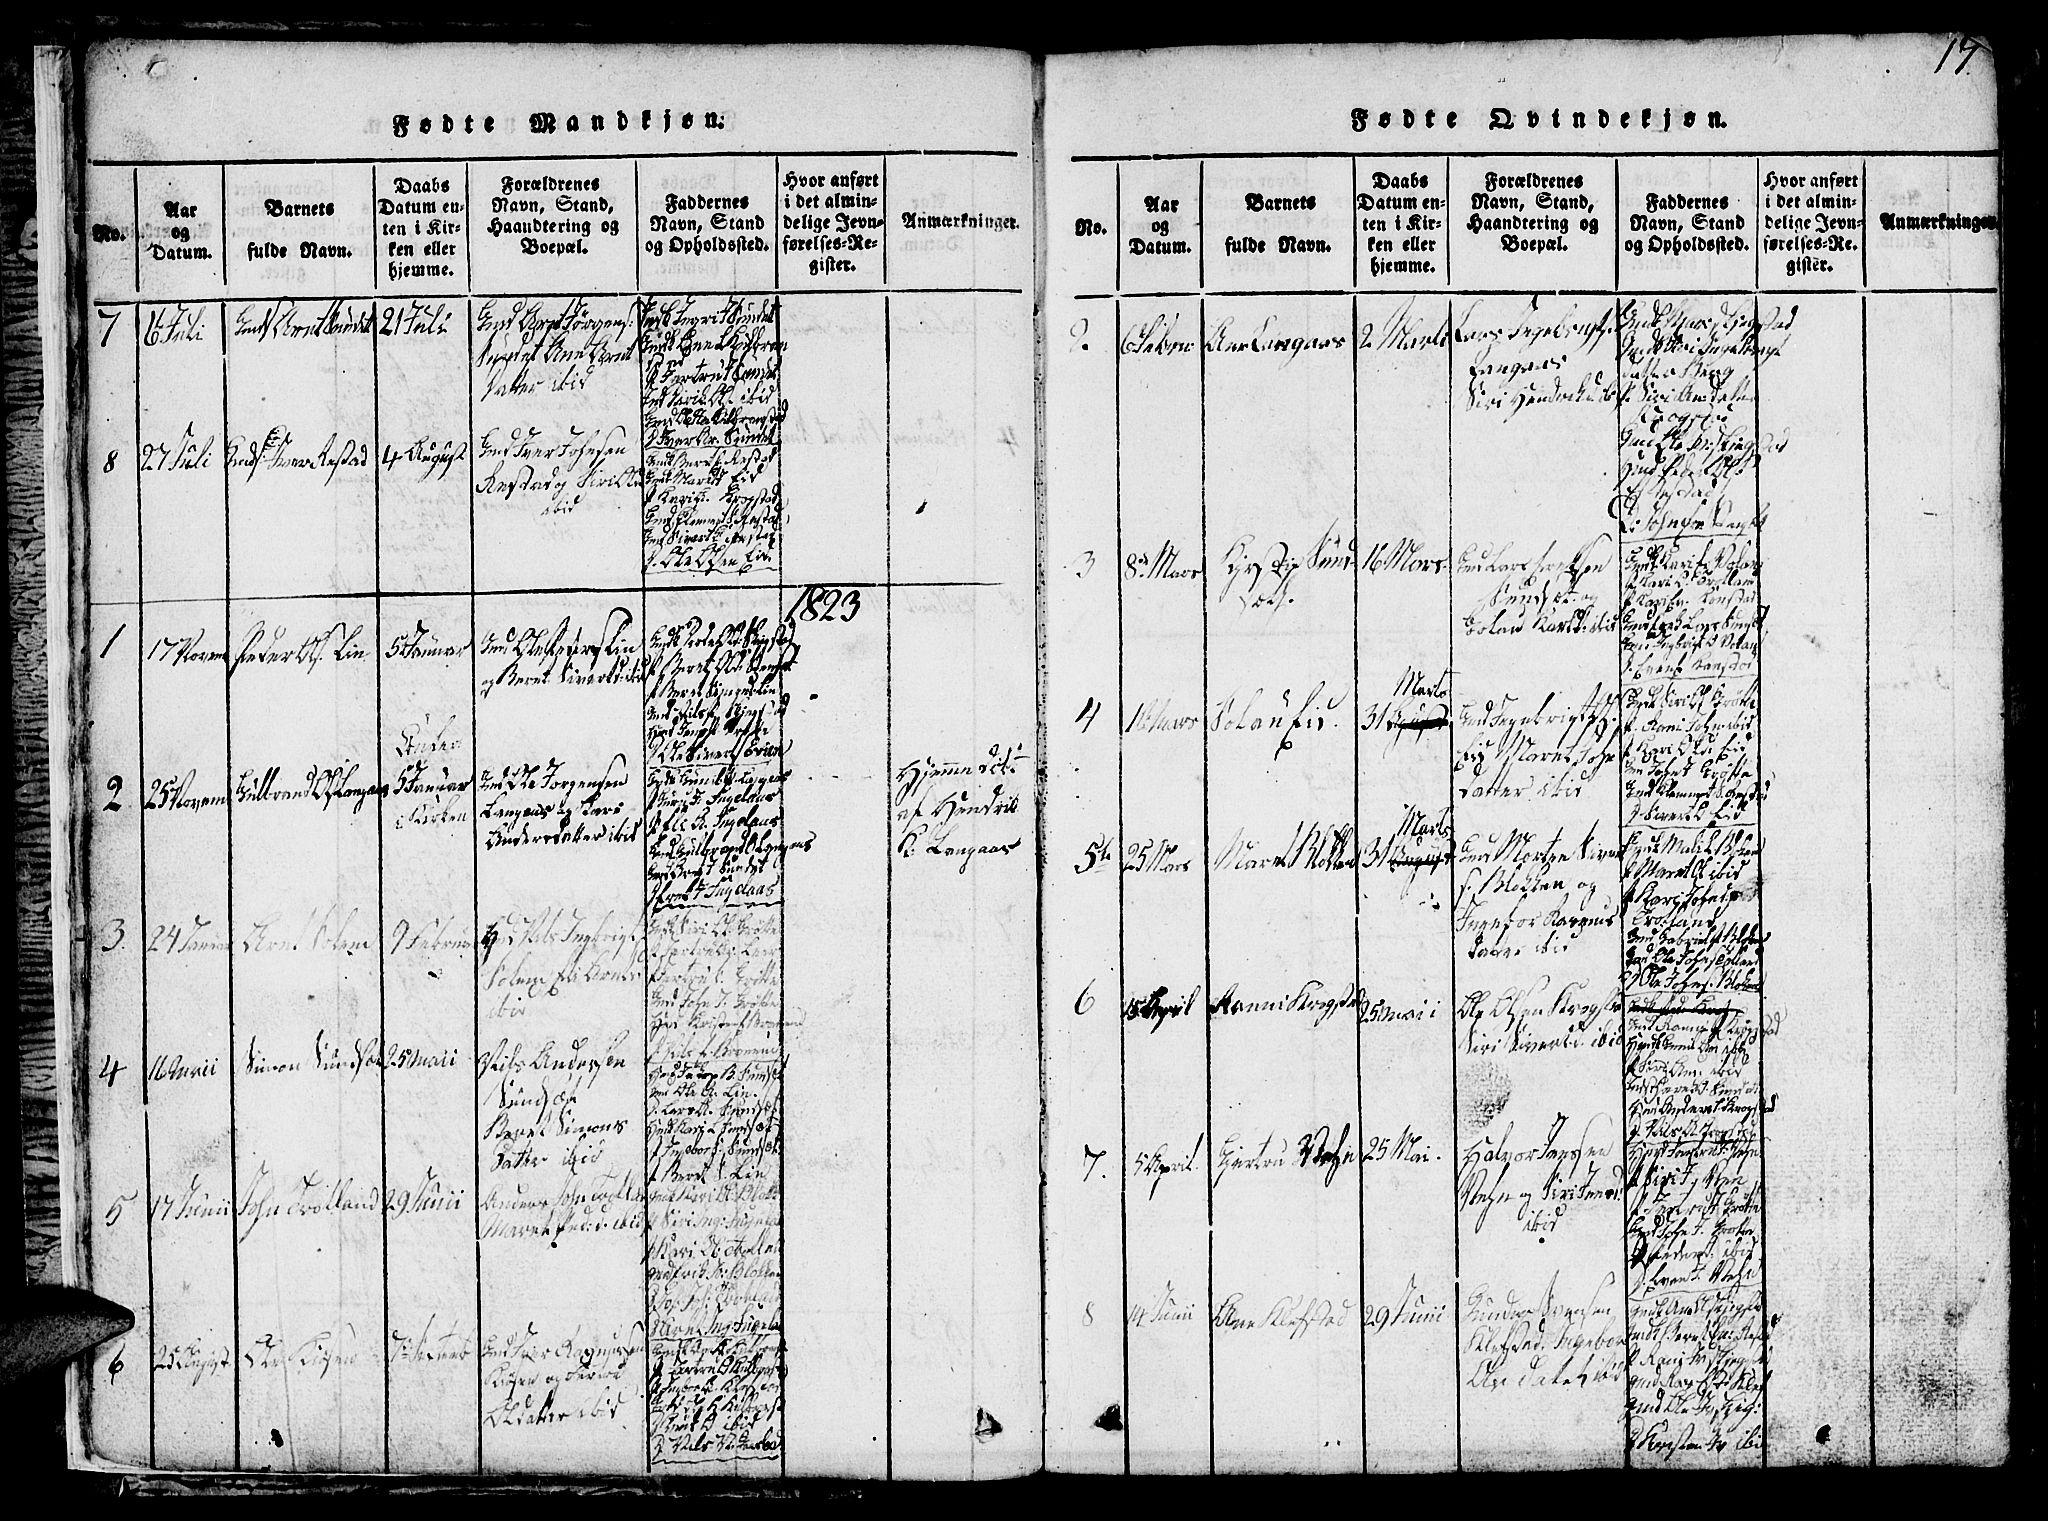 SAT, Ministerialprotokoller, klokkerbøker og fødselsregistre - Sør-Trøndelag, 694/L1130: Klokkerbok nr. 694C02, 1816-1857, s. 17